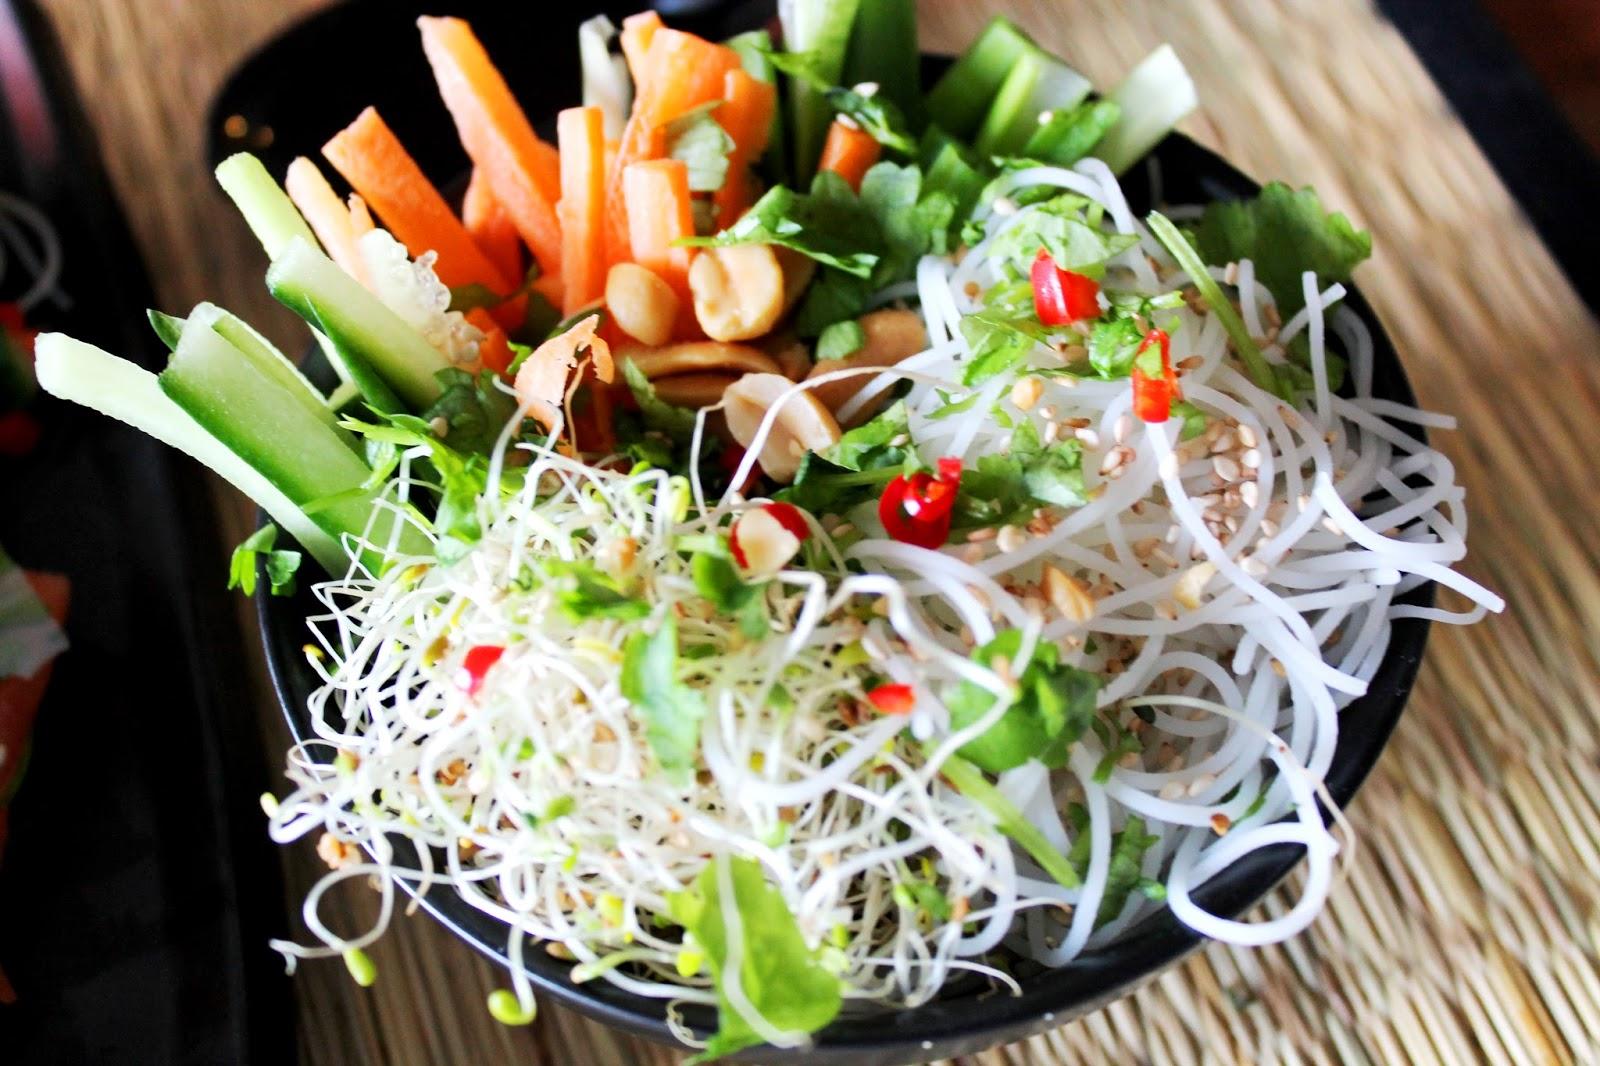 Awesome plating | Alinan kotona blog #plating #food #noodles